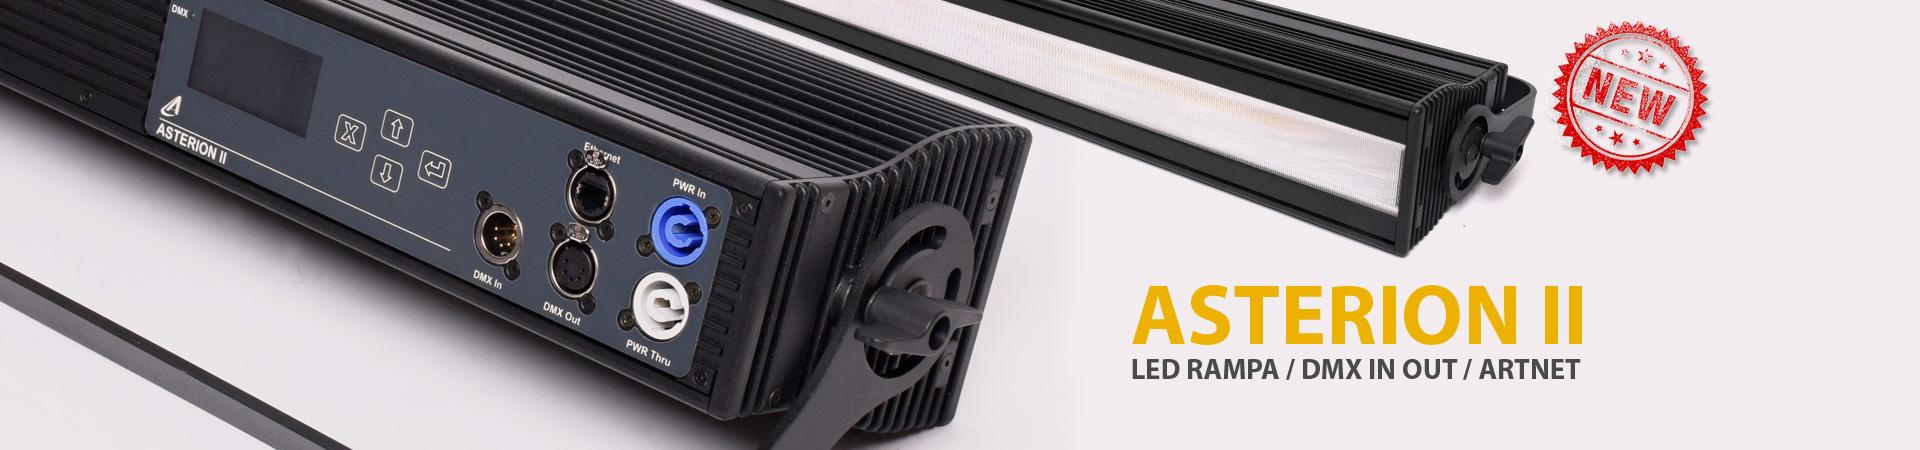 ASTERION 2 - Nová kompaktní LED rampa